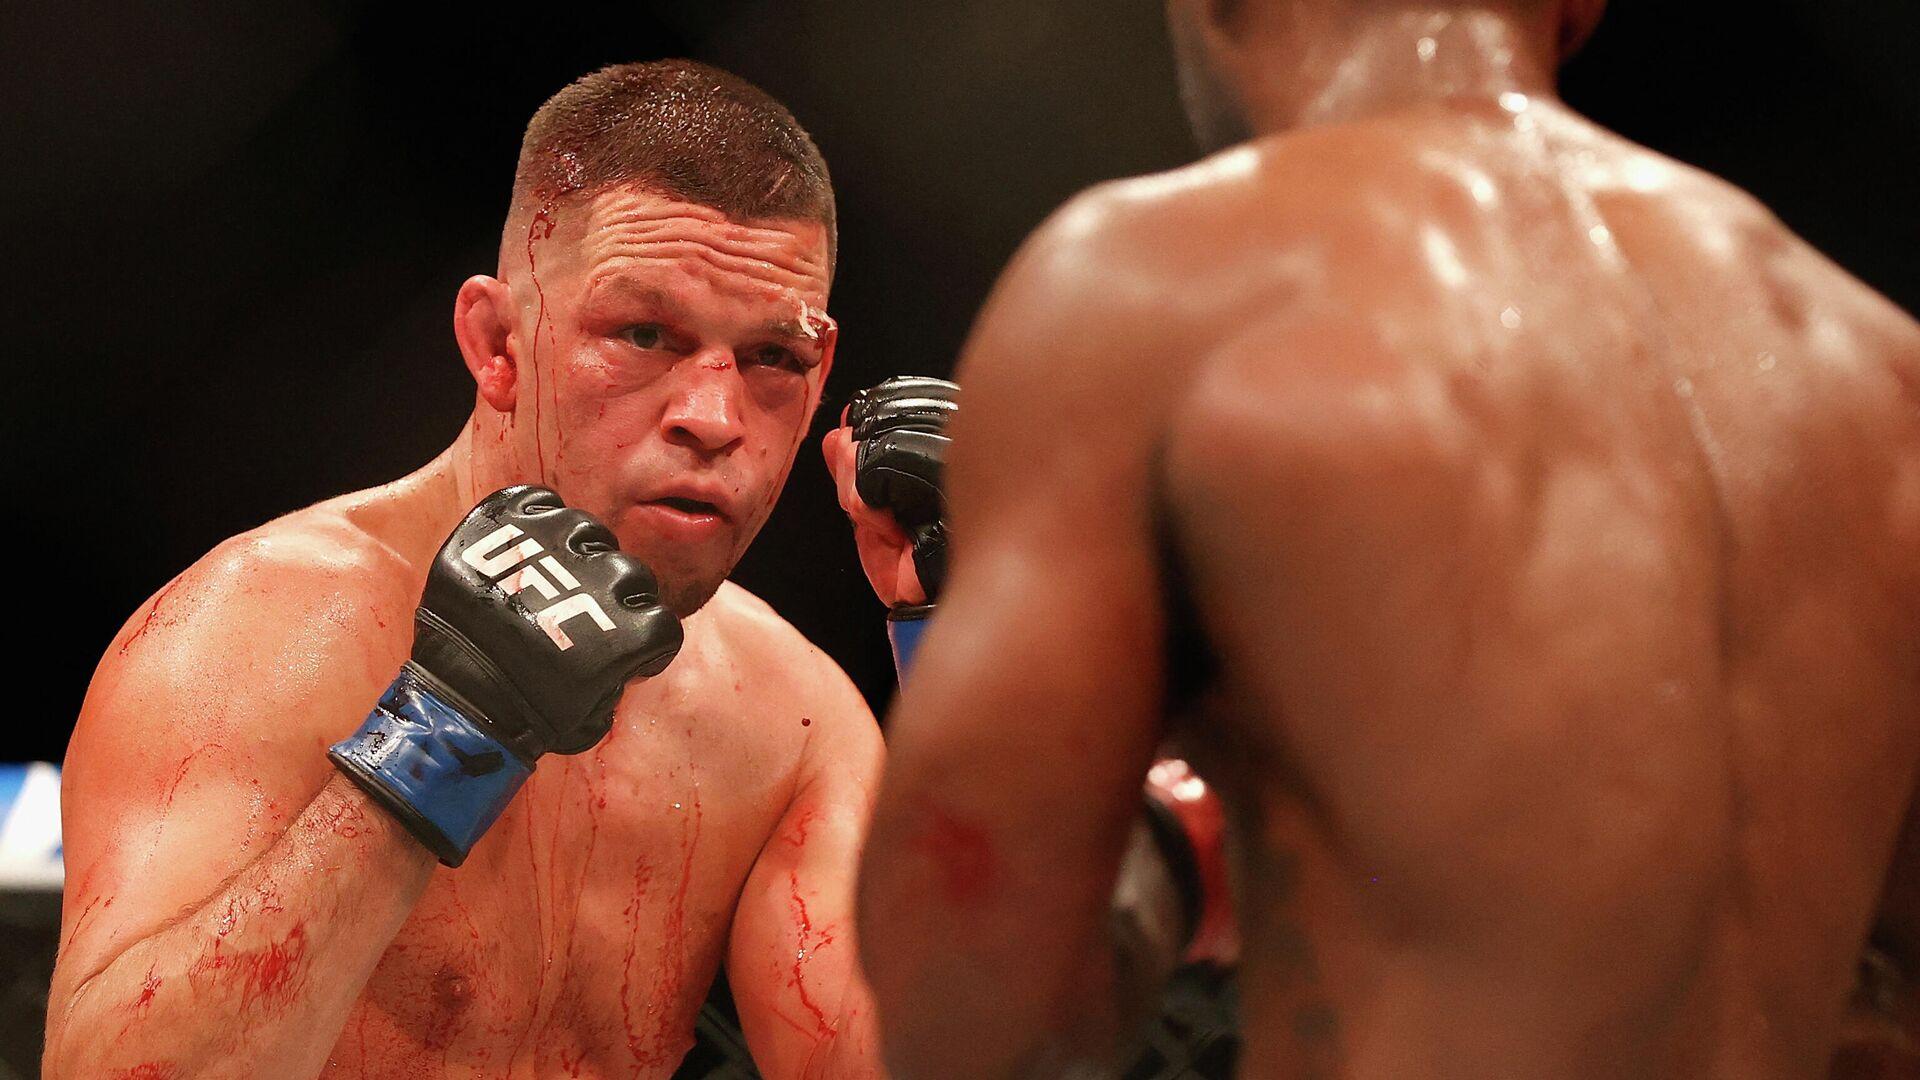 Нейт Диас против Леона Эдвардса на UFC 263 - РИА Новости, 1920, 13.06.2021